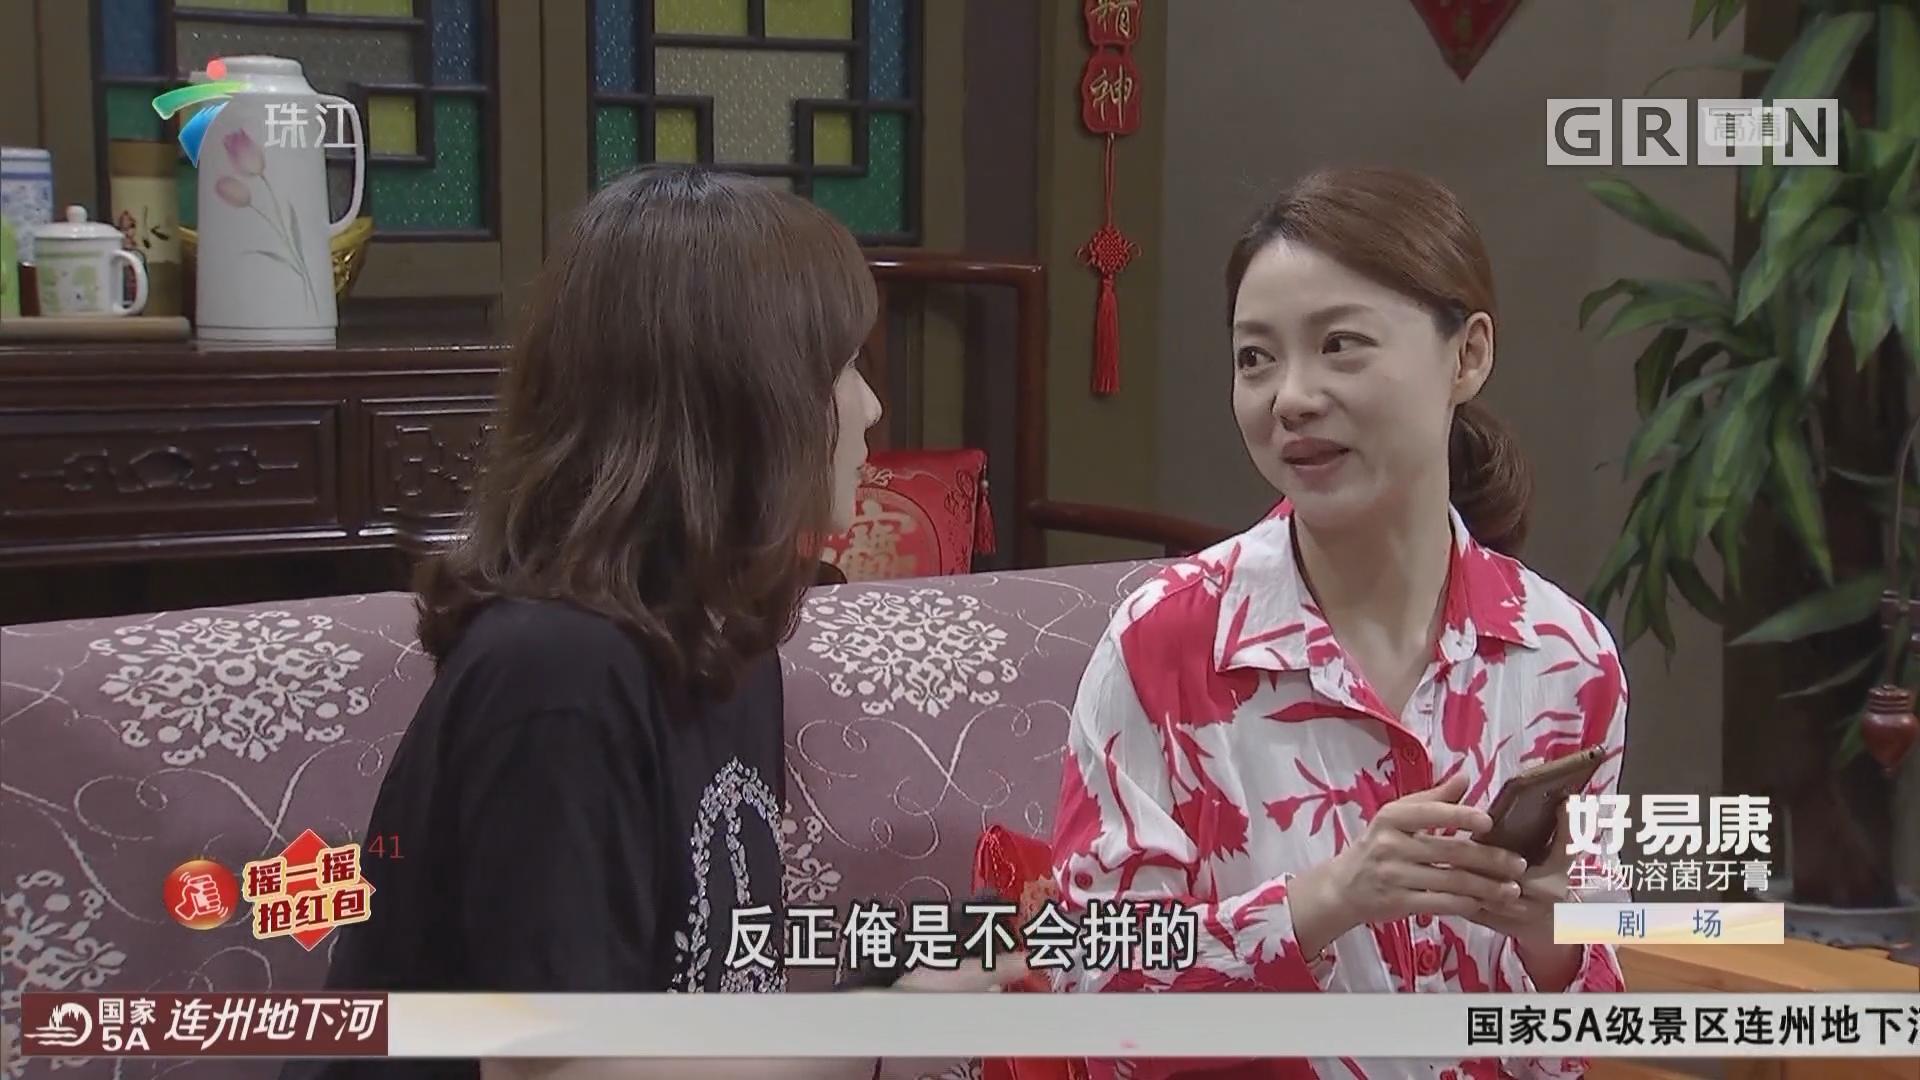 [HD][2019-05-19]外来媳妇本地郎:勇敢说不